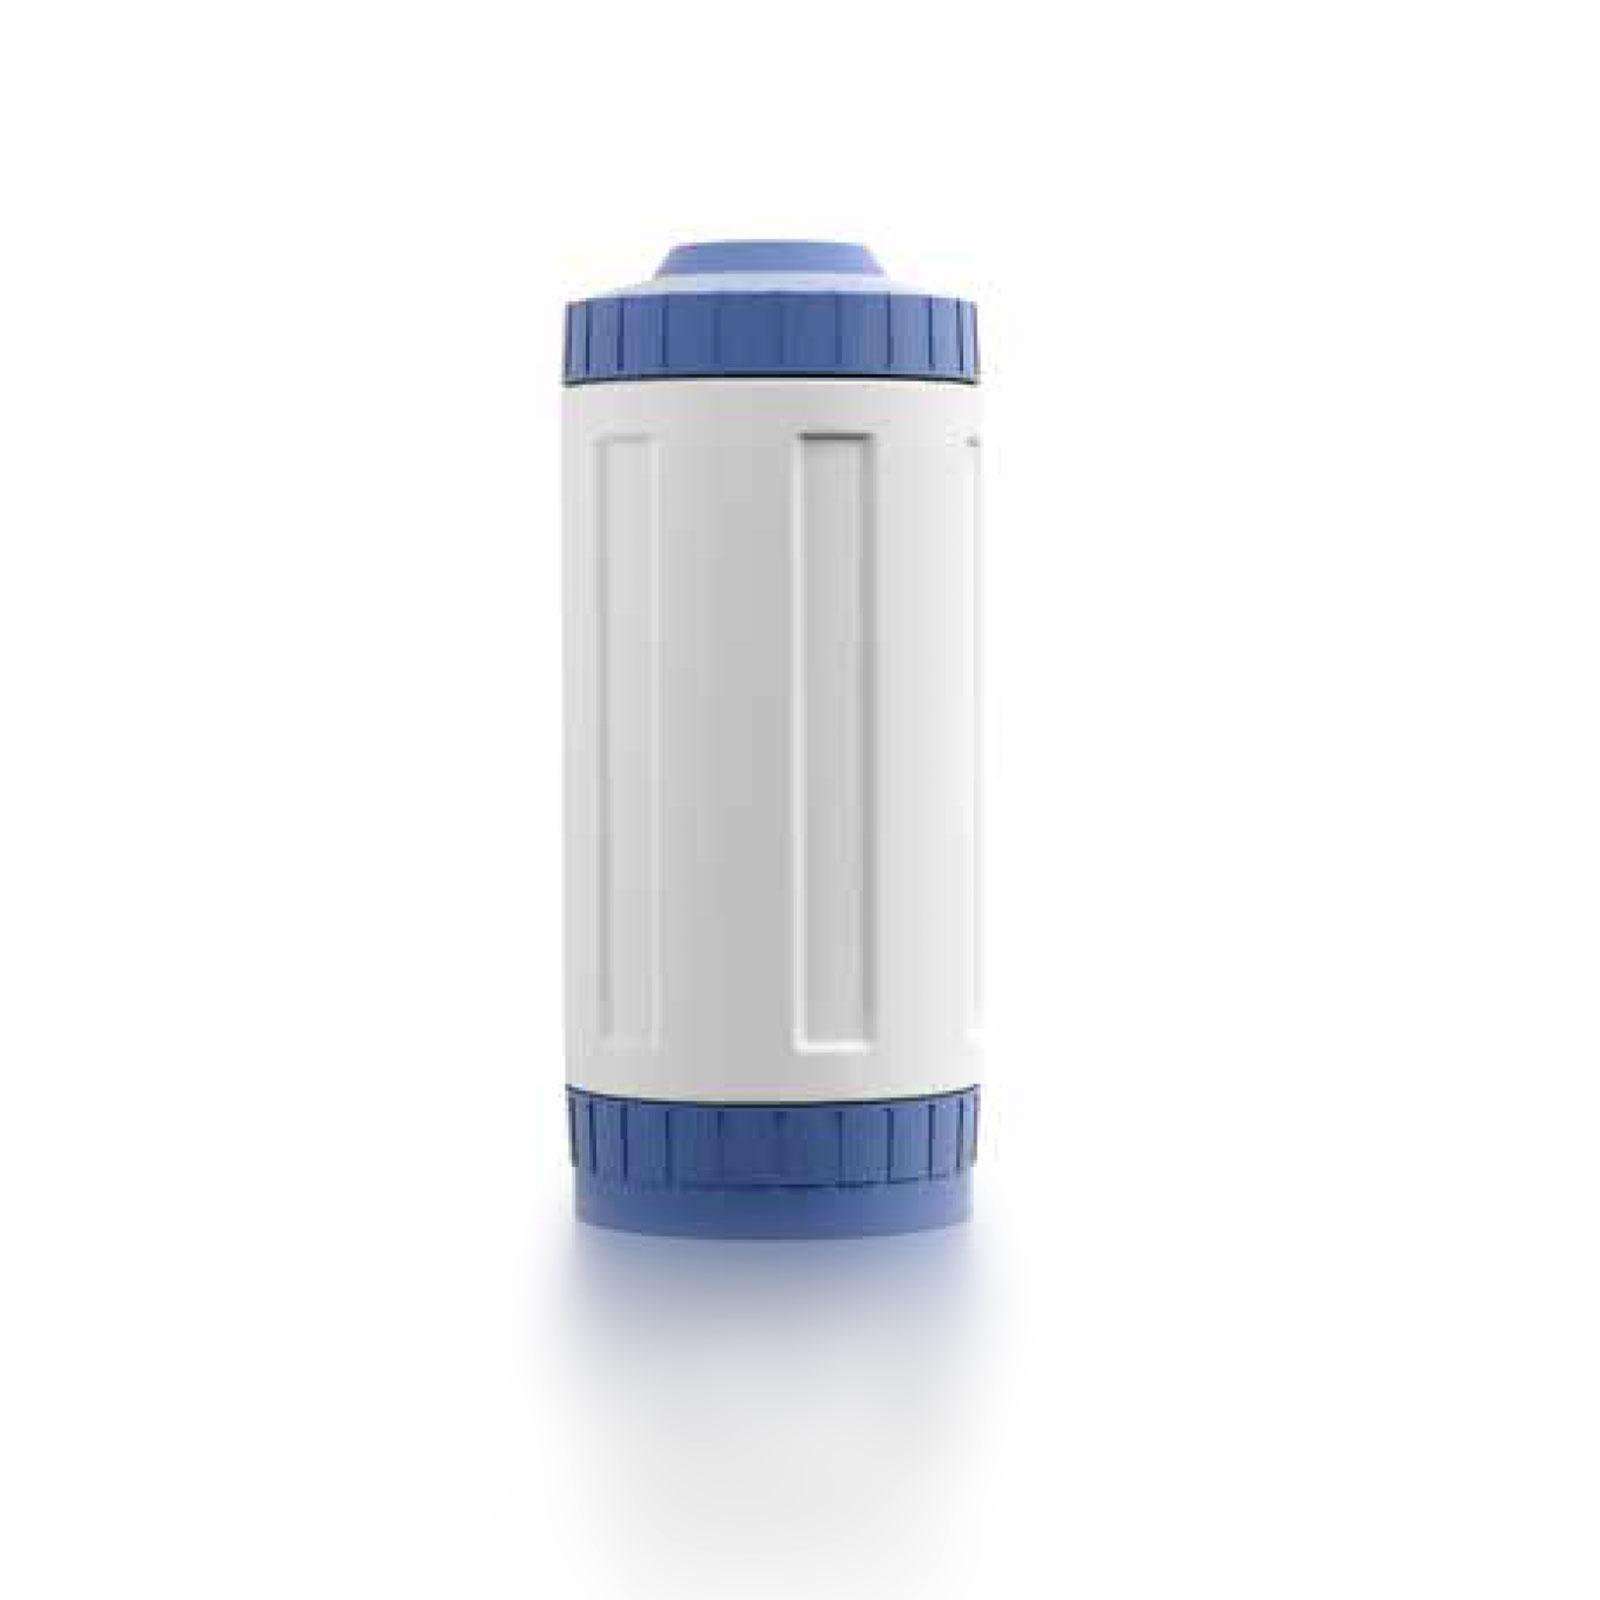 PI-Wasser Anti-Glyphosat-Strong-Ersatzfilter für PI-Power-Compact-Anlage